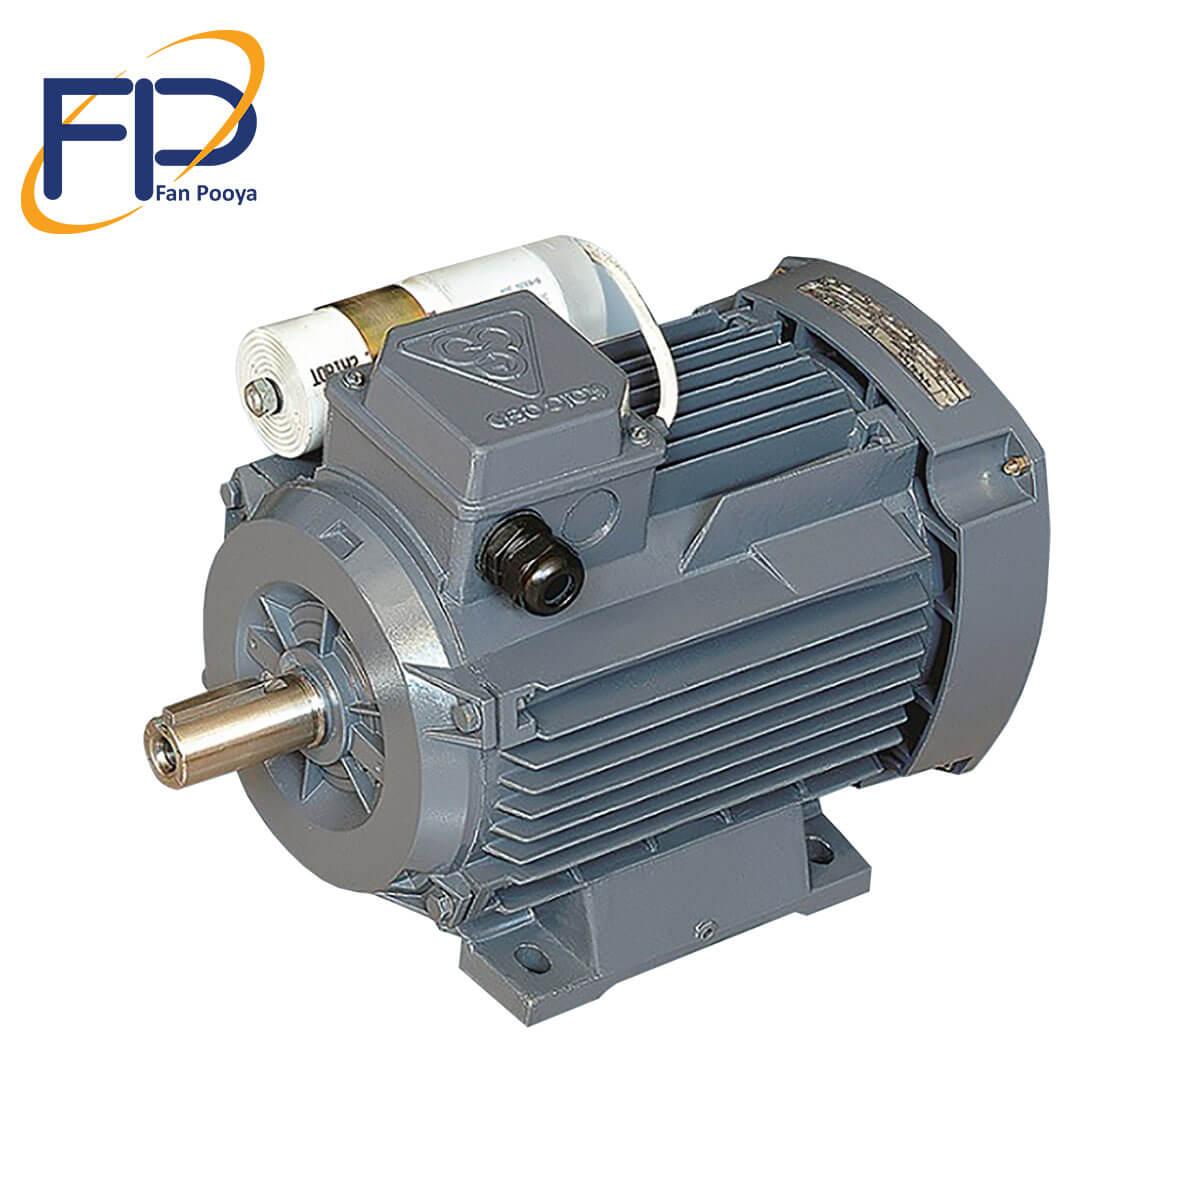 الکتروموتورموتوژن خازن داردائم(CR)بافرم آلومینیومی قدرت2.2kw کیلو وات 3000دور